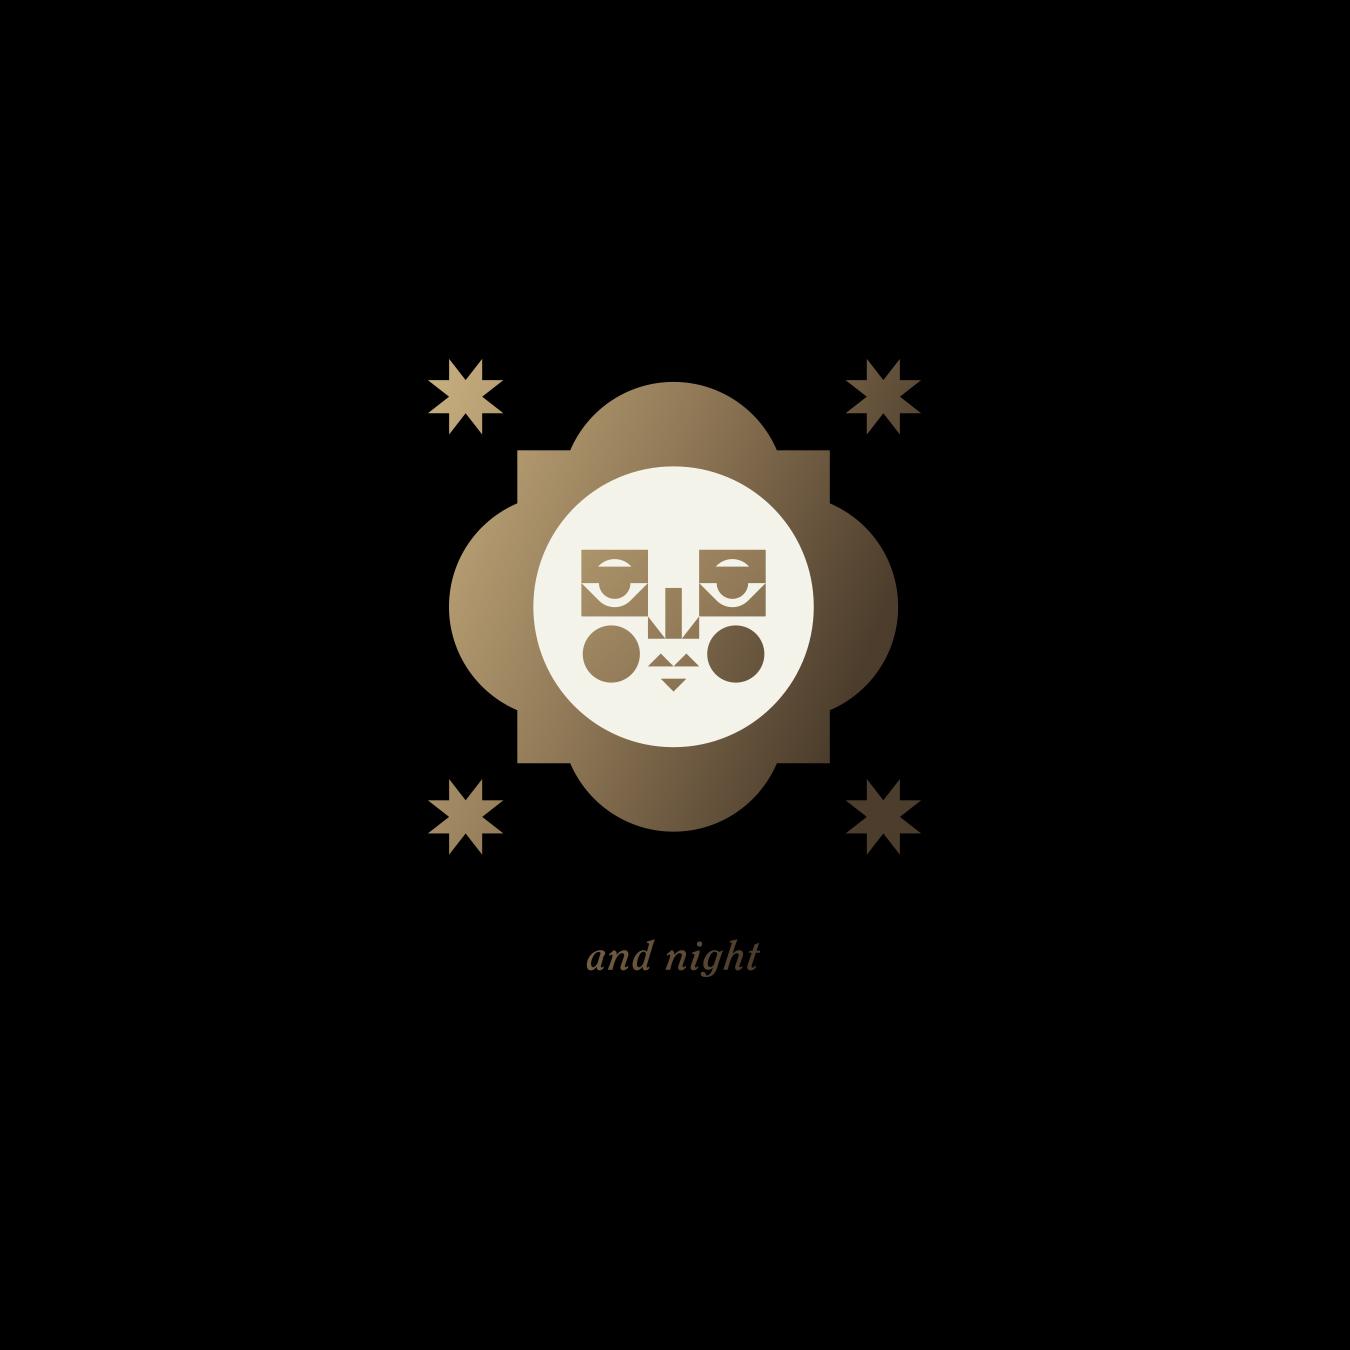 El Thrifty Restaurant Night Moon Logo